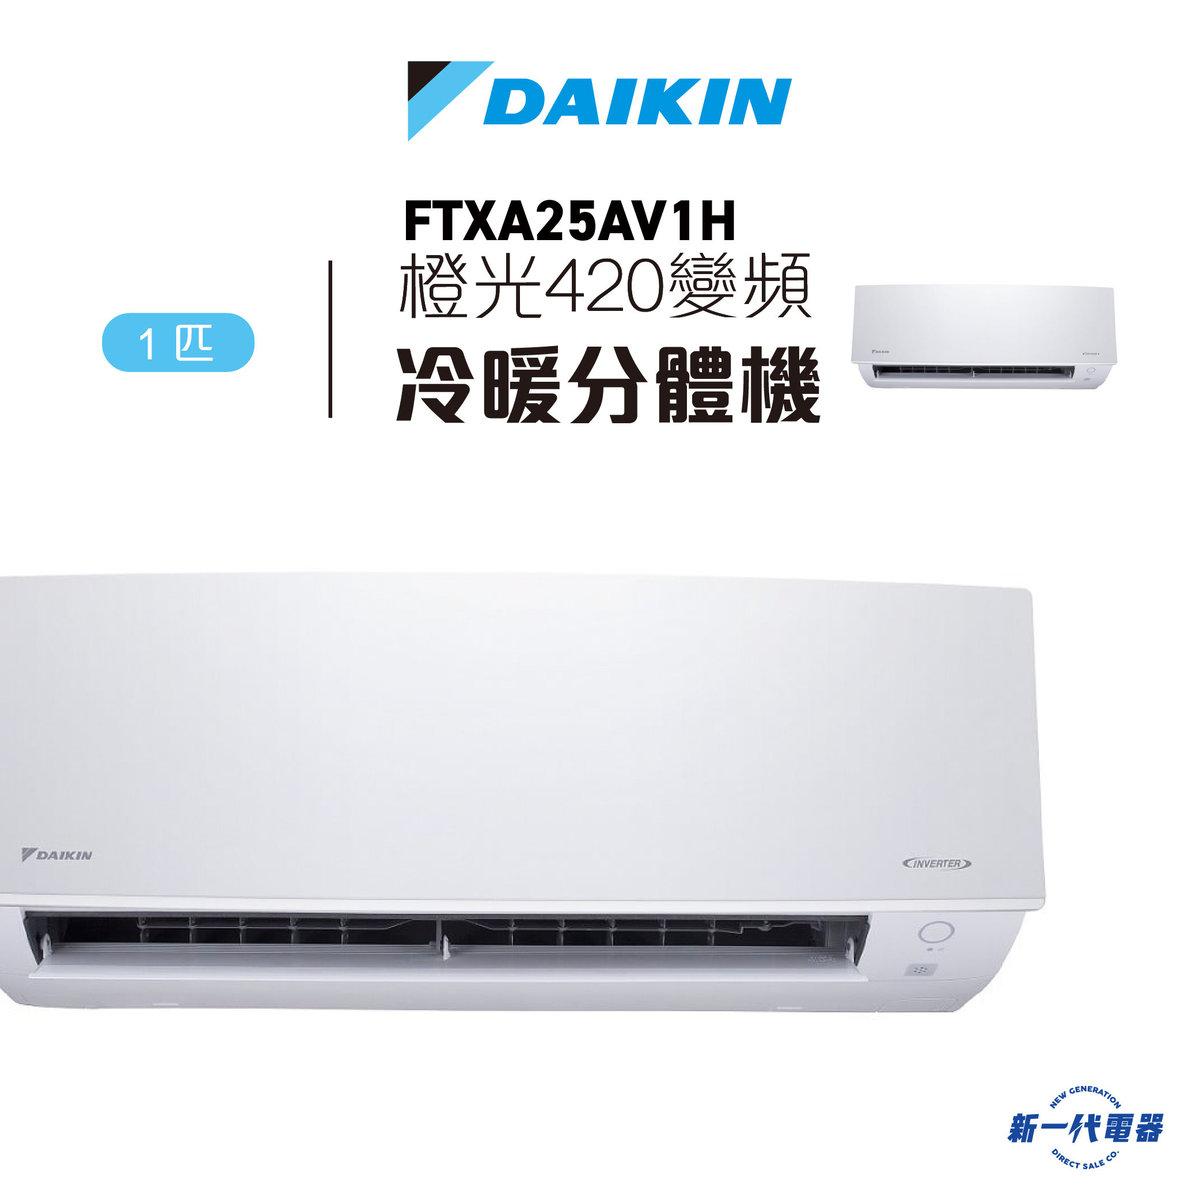 FTXA25AV1H   Orange light 420 inverter cold and warm FTXA series